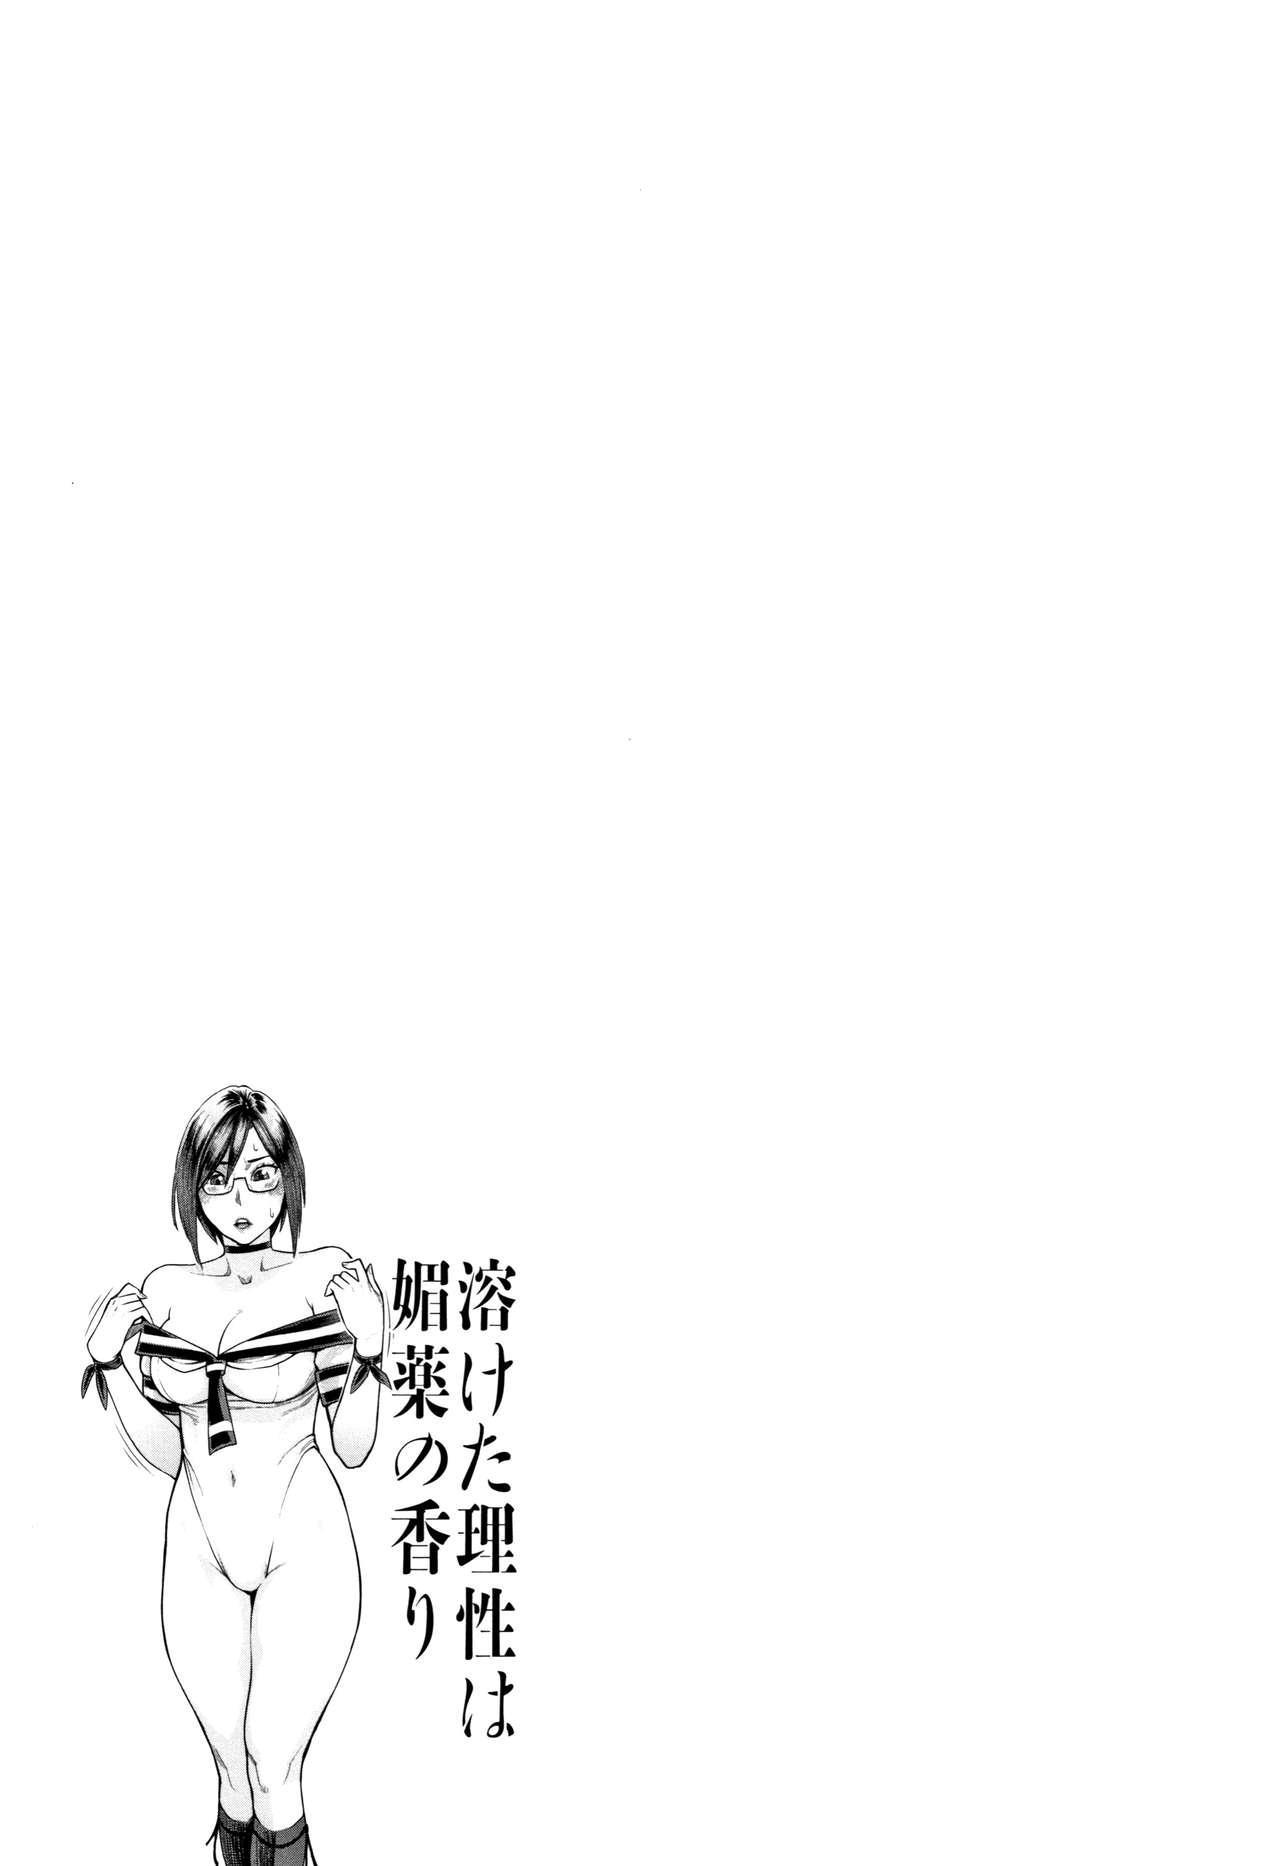 Toketa Risei wa Biyaku no Kaori 155